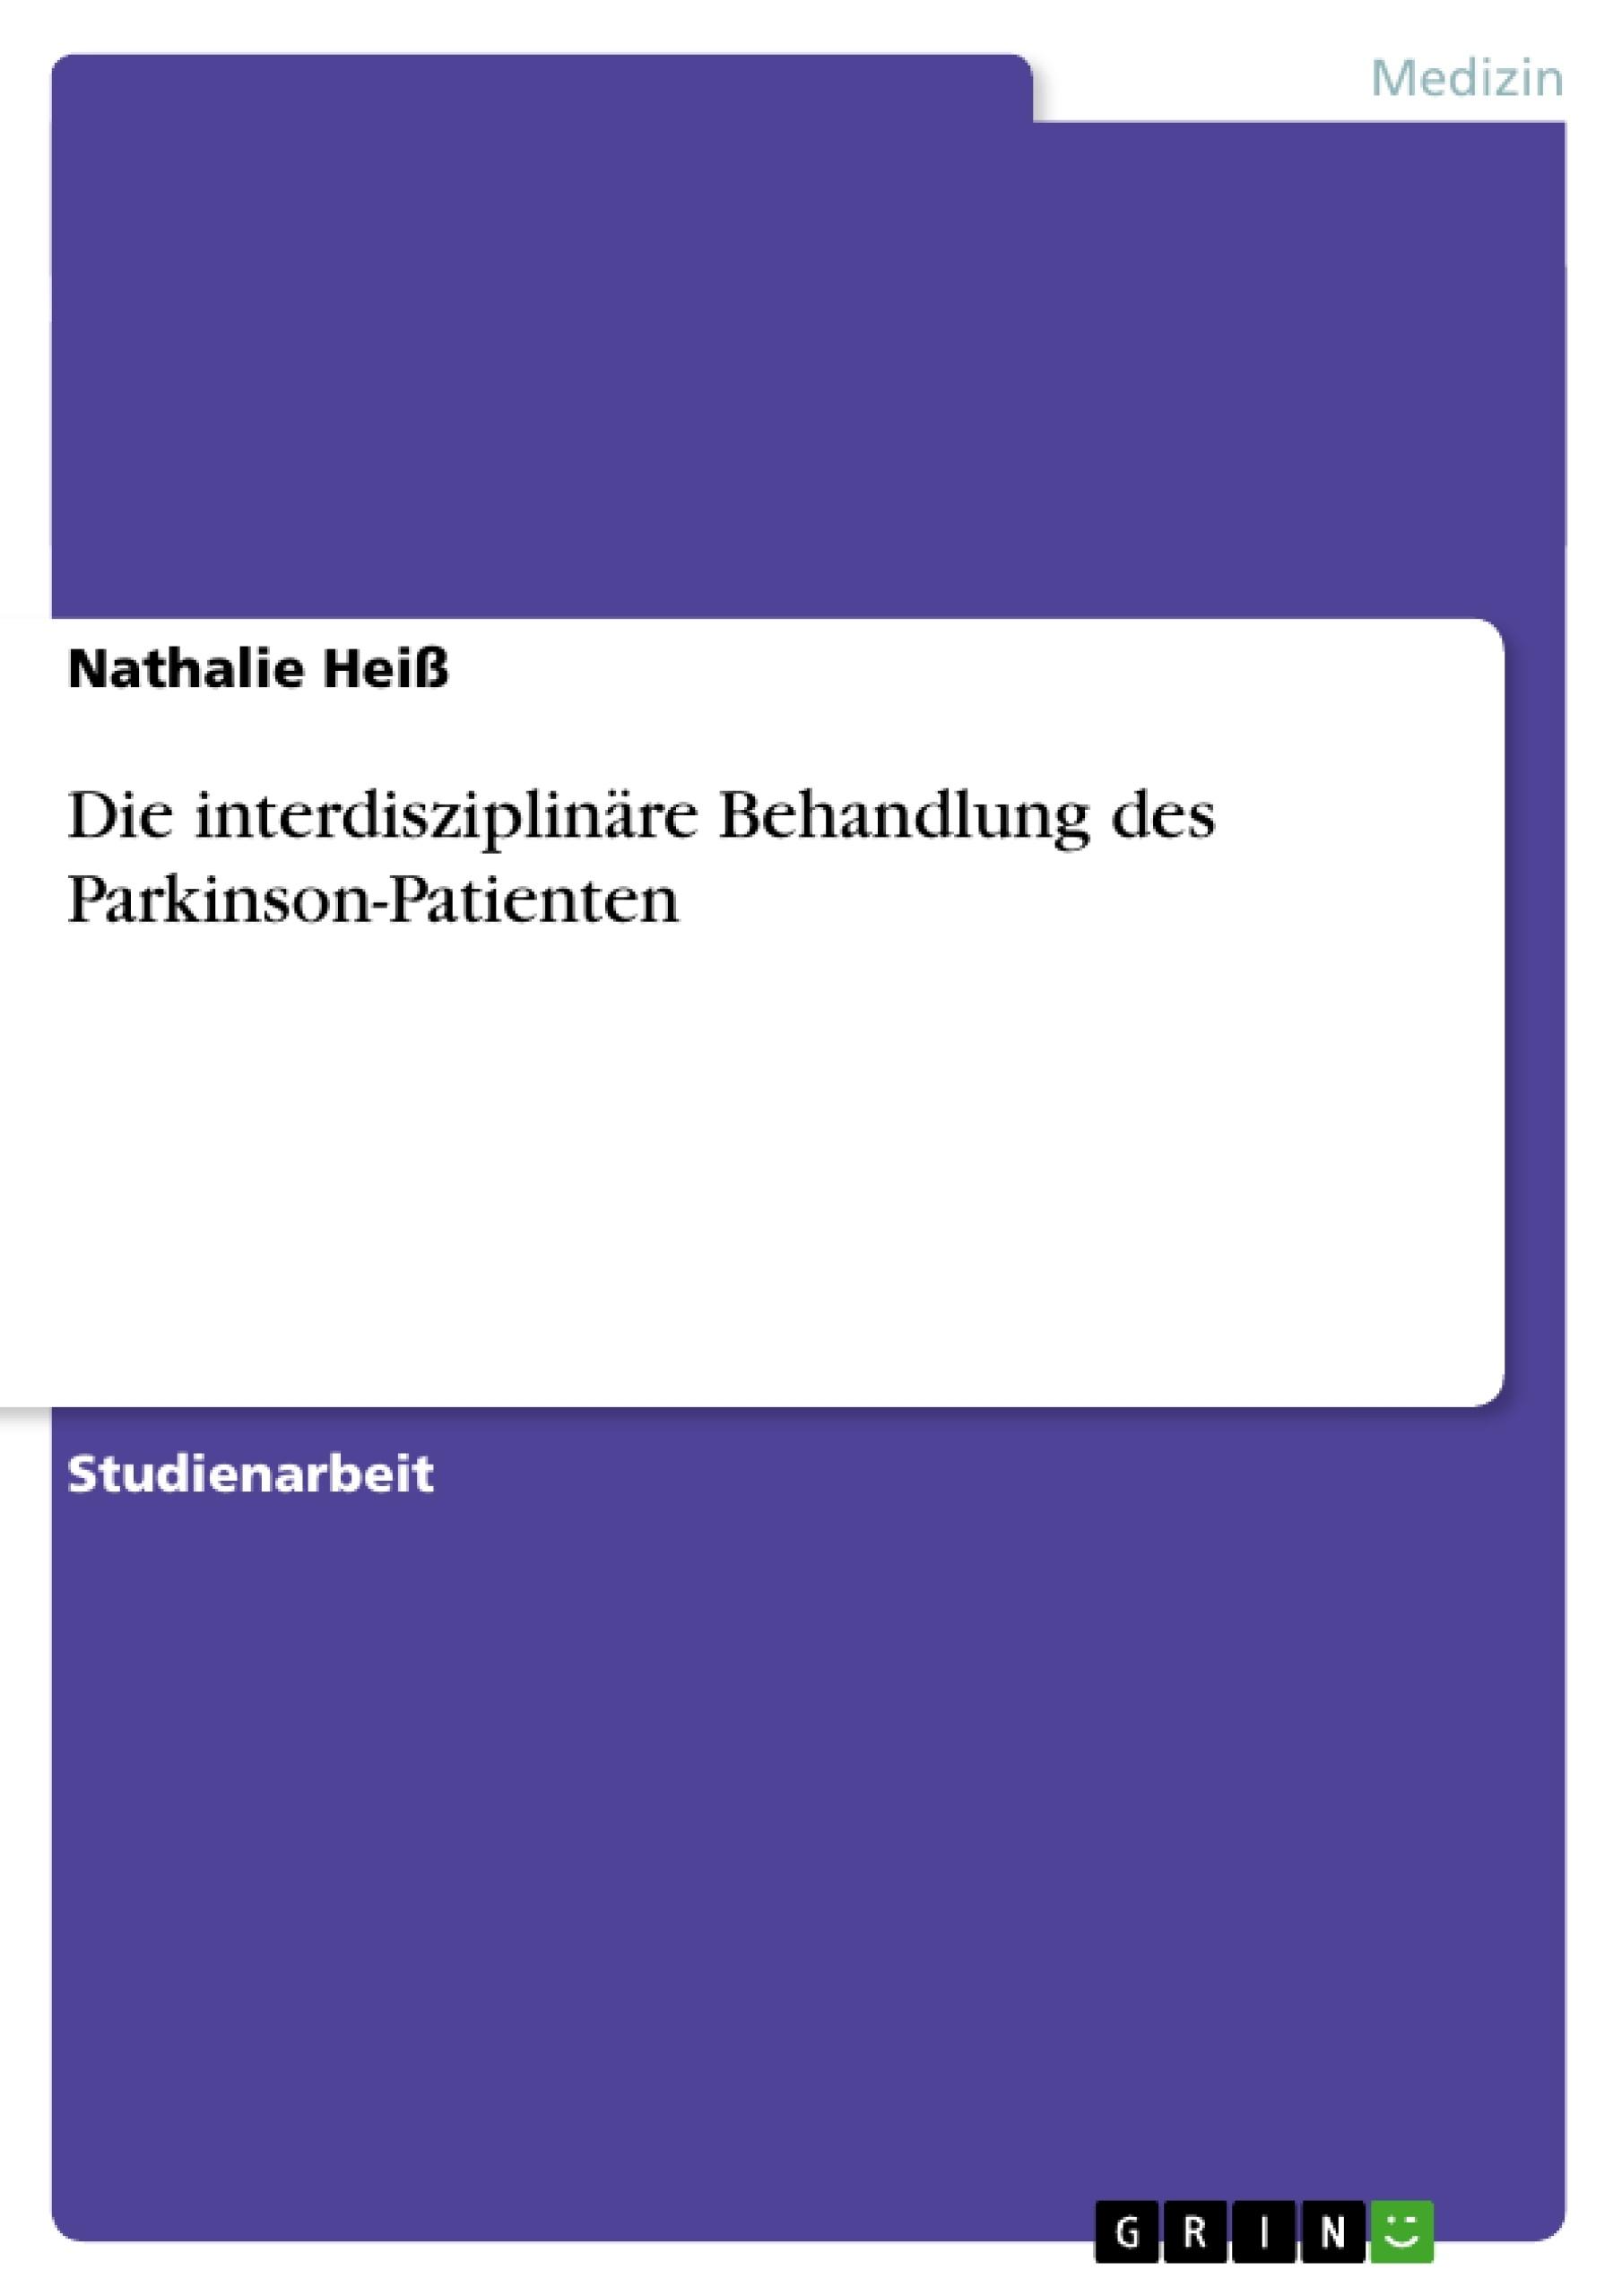 Titel: Die interdisziplinäre Behandlung des Parkinson-Patienten